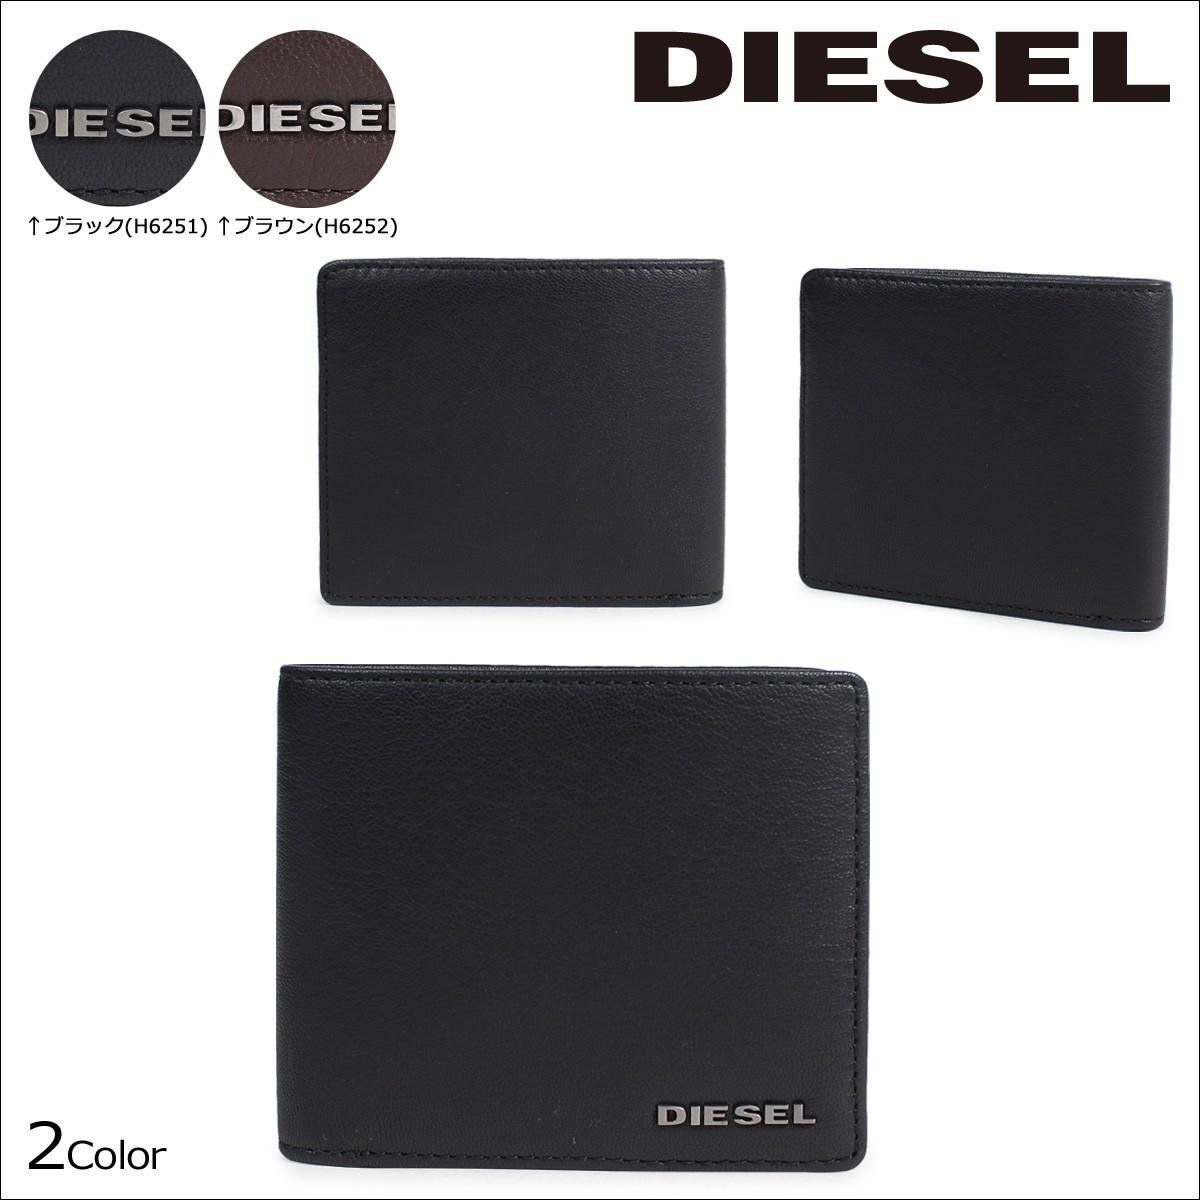 ディーゼル 財布 メンズ DIESEL 二つ折り HIRESH S X04459 PR013 2カラー